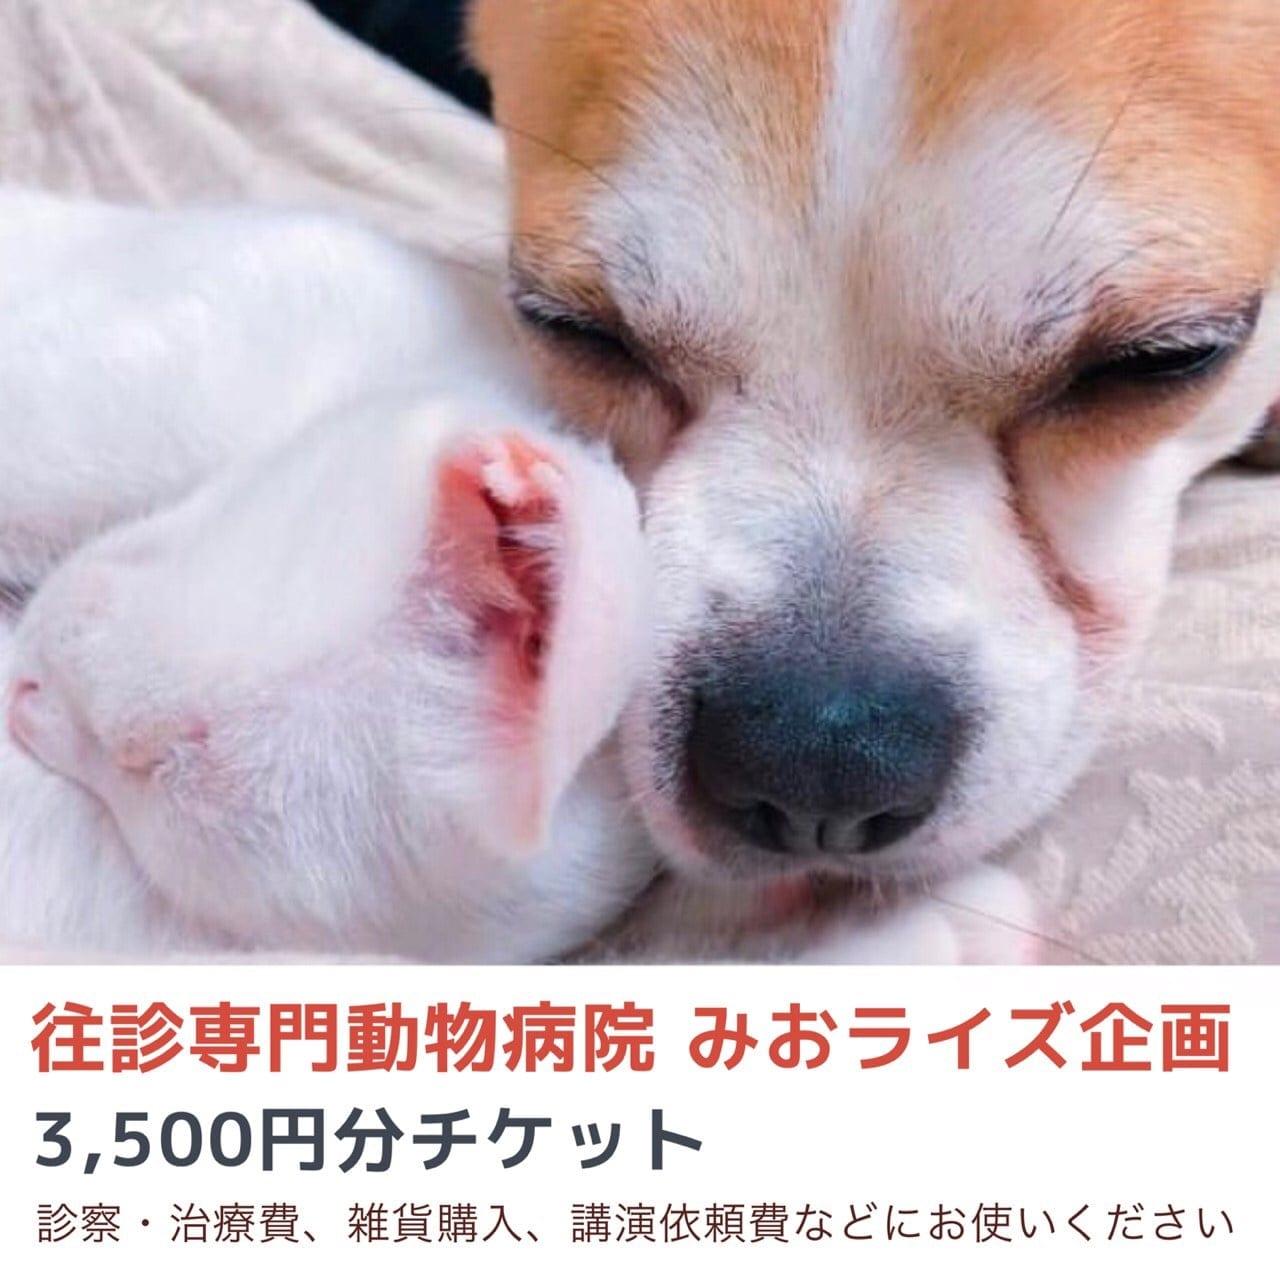 みおライズ企画3500円お買い物チケットのイメージその1